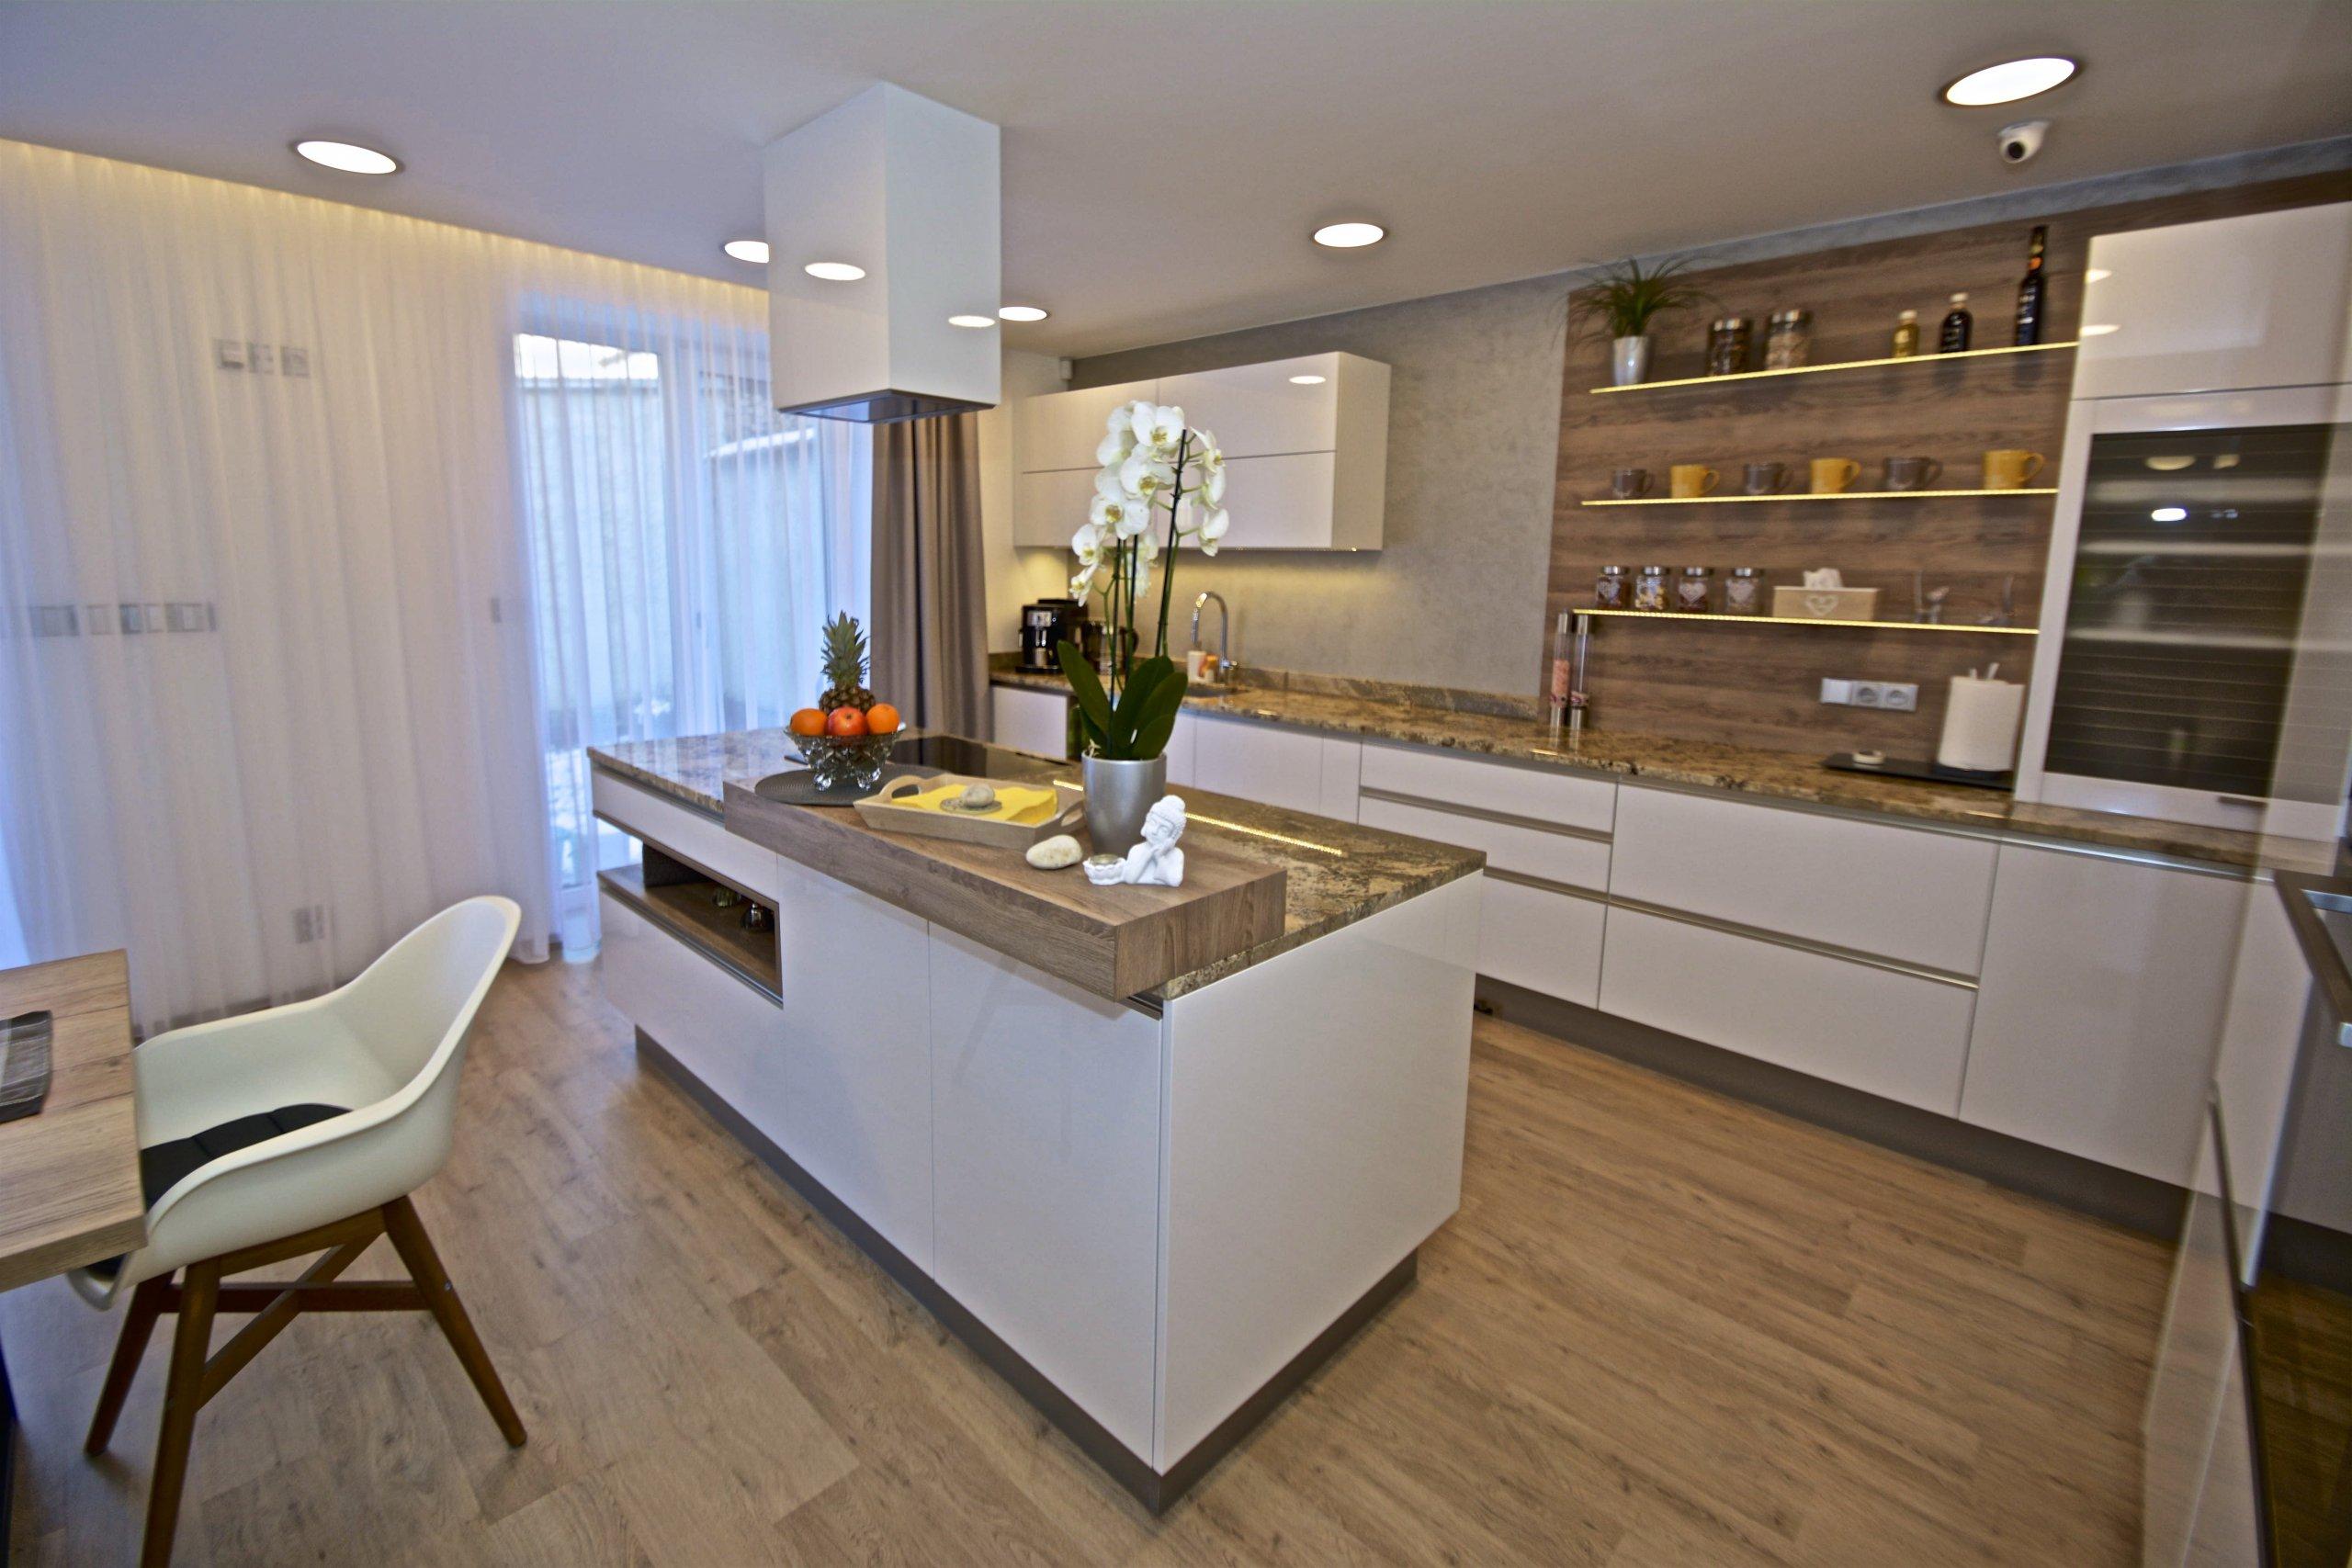 Mladý pár se pustil do složité rekonstrukce, ale pomocí nás a ateliéru ATAK jsme dům dovedli do dokonalosti. Co Vás může zaujmout je kuchyň, která je velmi…